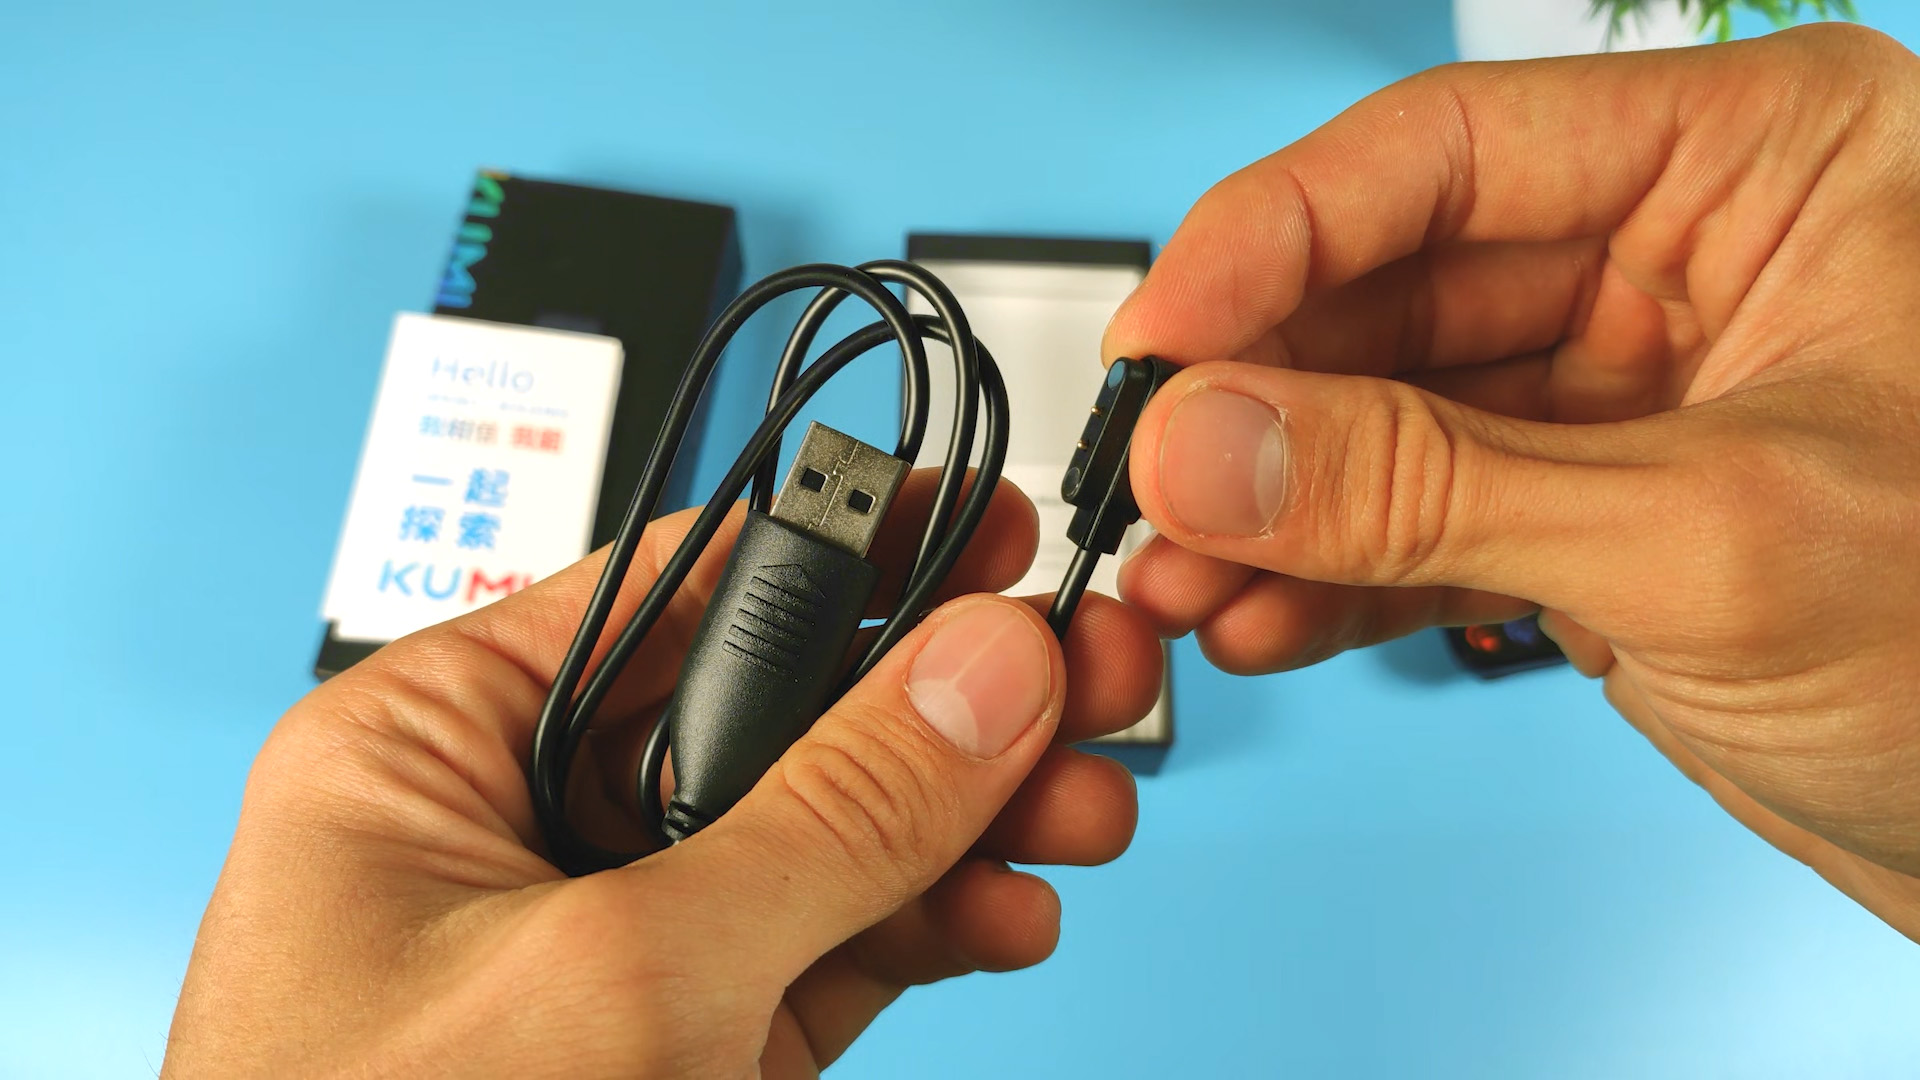 KUMI KU2 PLUS магнитный кабель для зарядки